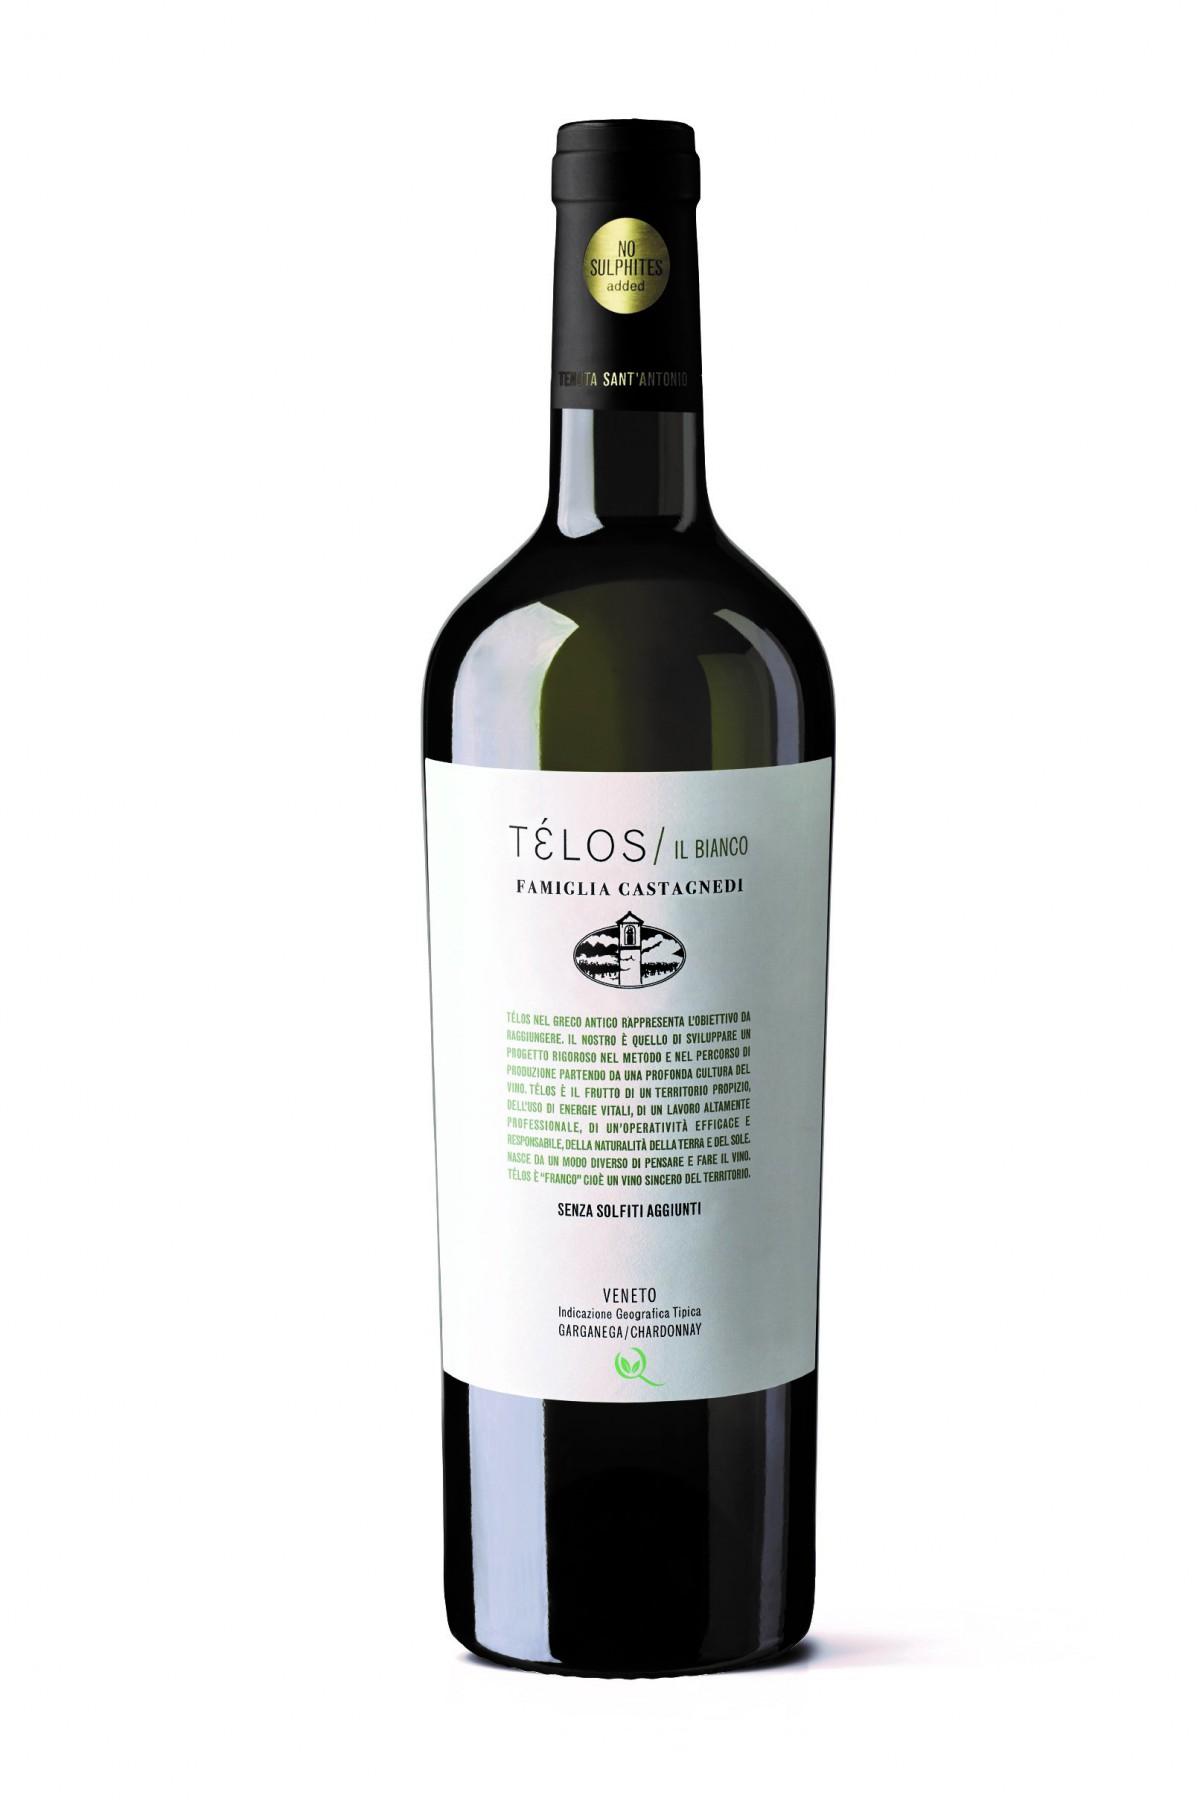 Veneto IGT Telos Bianco - 75CL - Tenuta Sant'Antonio